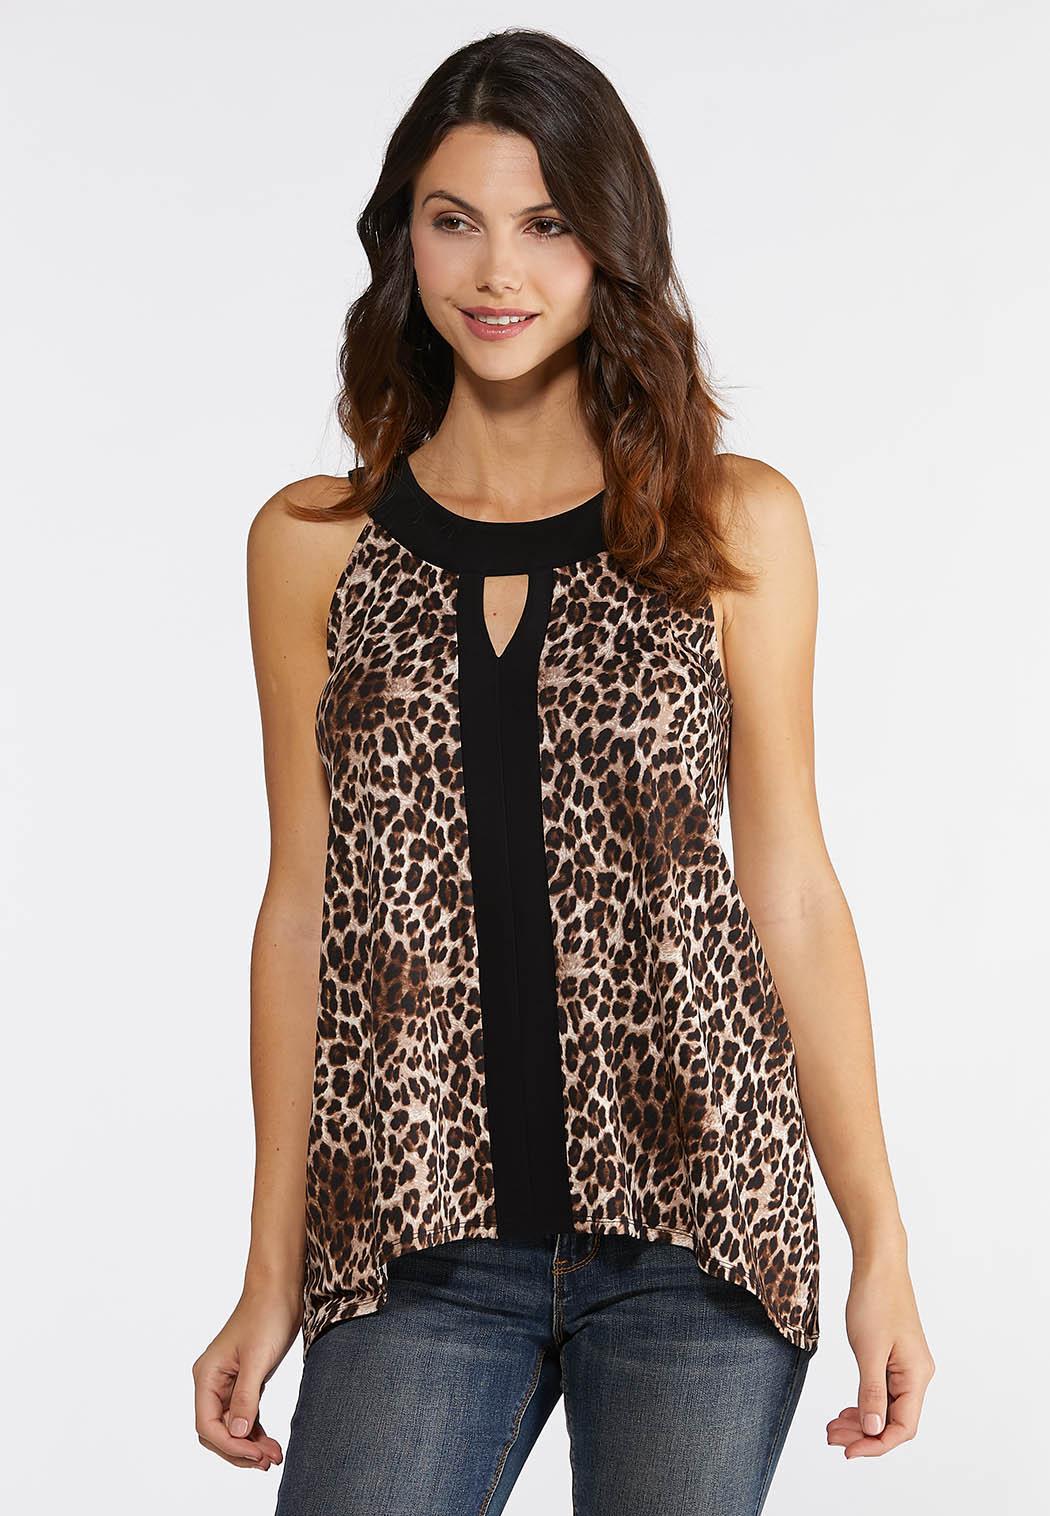 Leopard Print Knit Tank Top